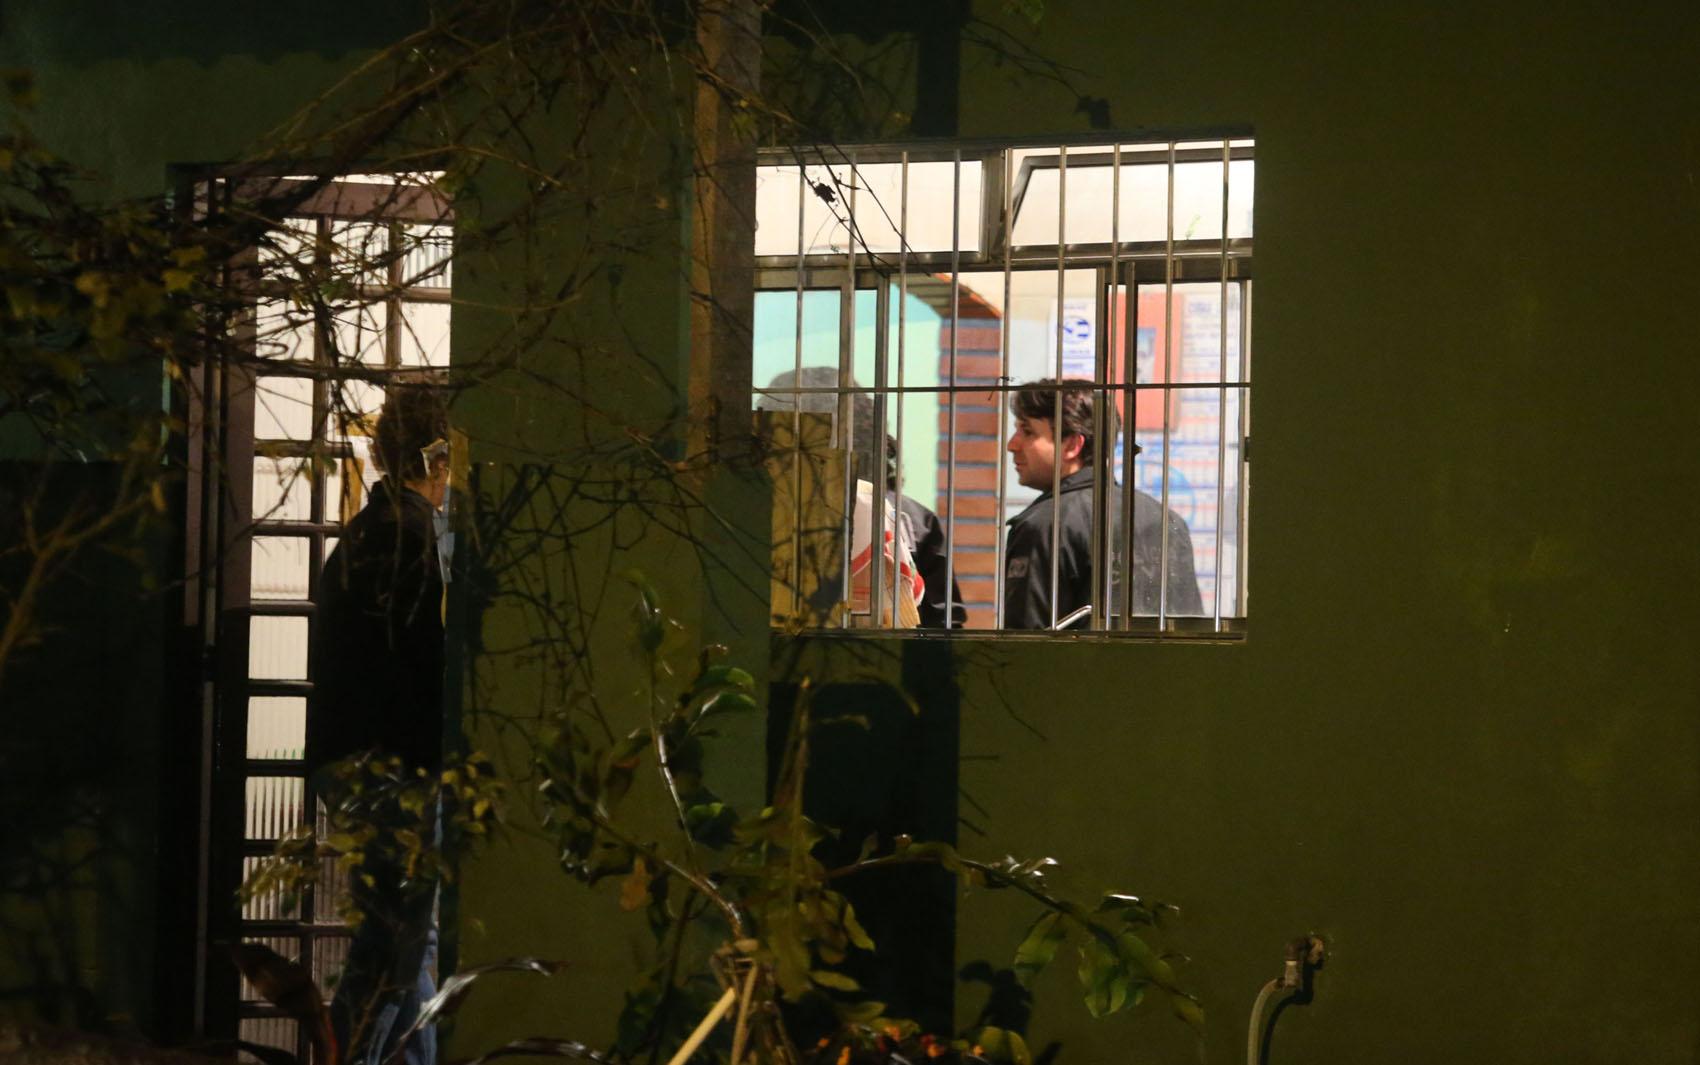 Peritos dentro de casa na zona norte de São Paulo, onde um sargento da Rota, sua mulher, cabo da PM, o filho de 13 anos e outros dois parentes foram encontrados mortos a tiros dentro da casa